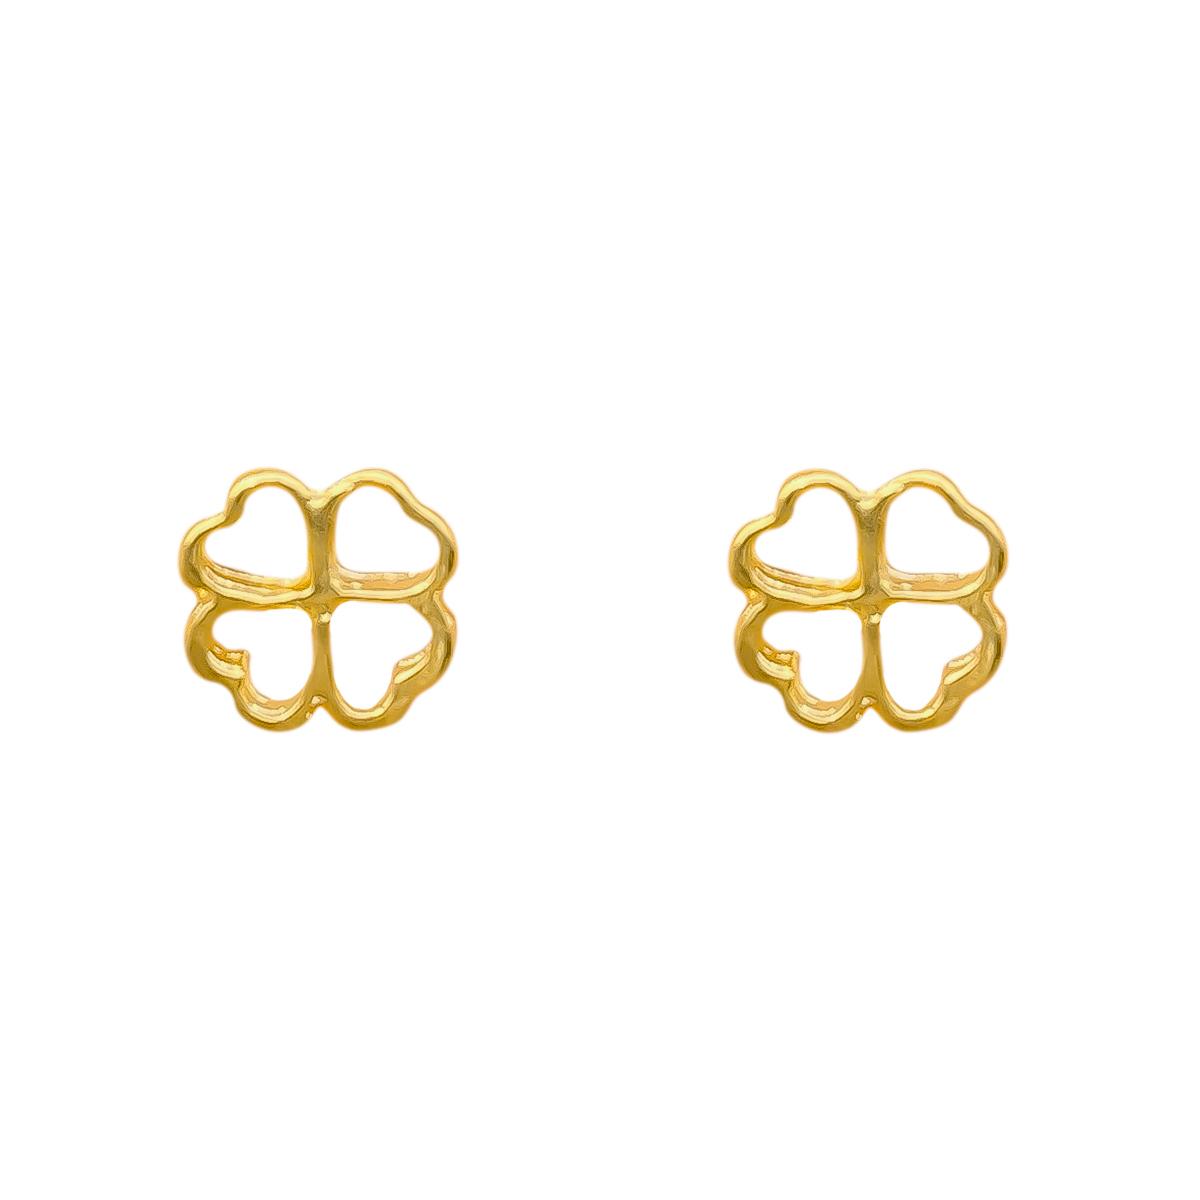 Brinco De Trevo De Quatro Folhas Vazado Folheado Em Ouro